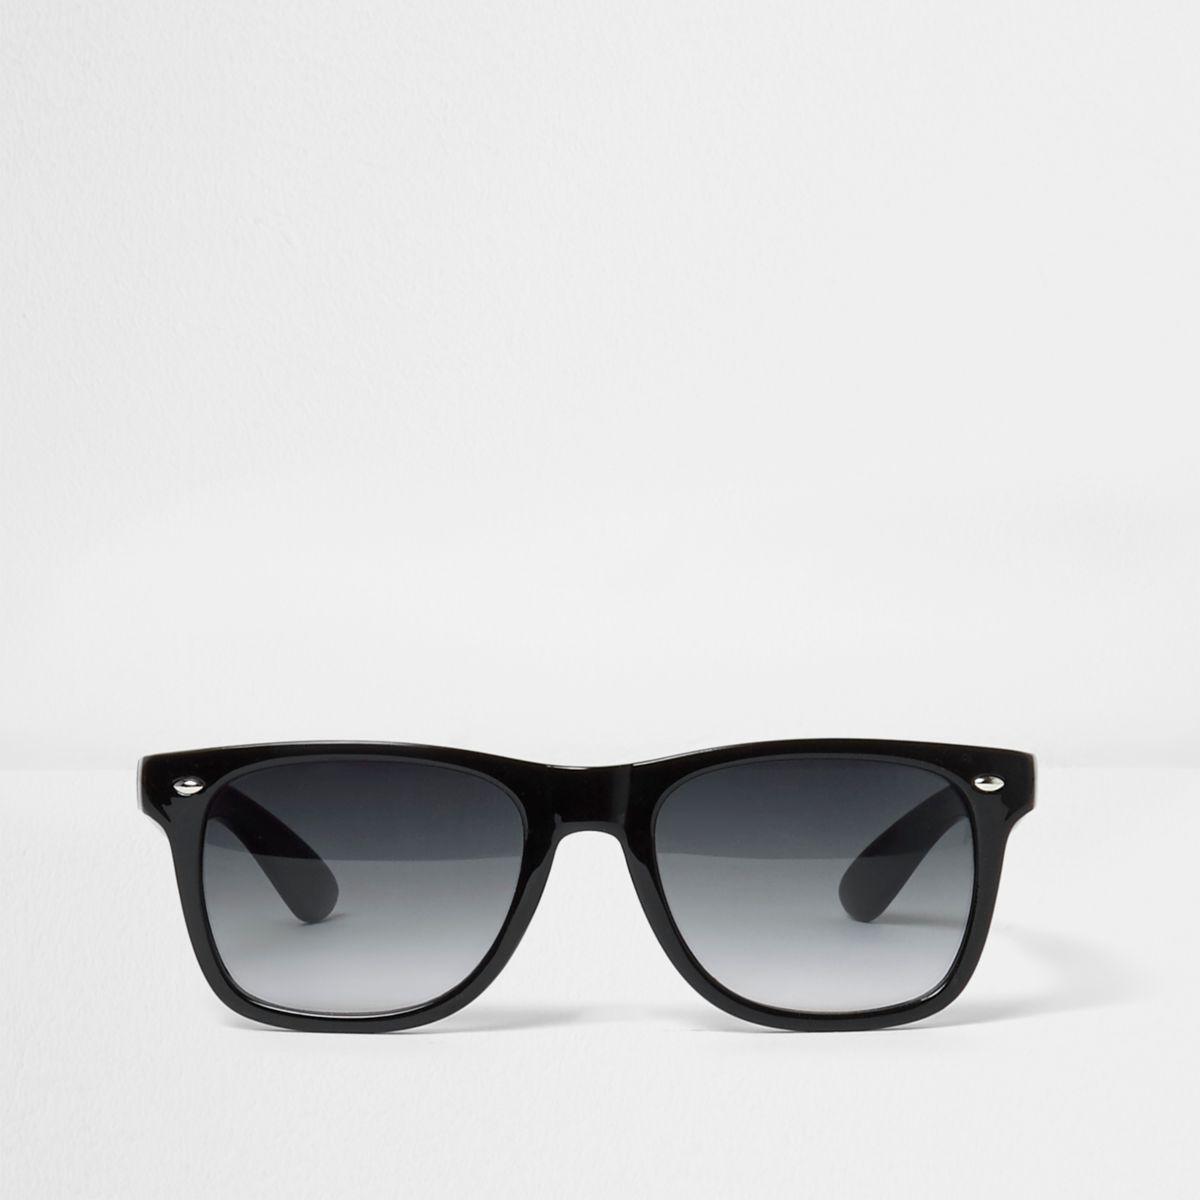 Lunettes de soleil noires avec verres fumés style rétro